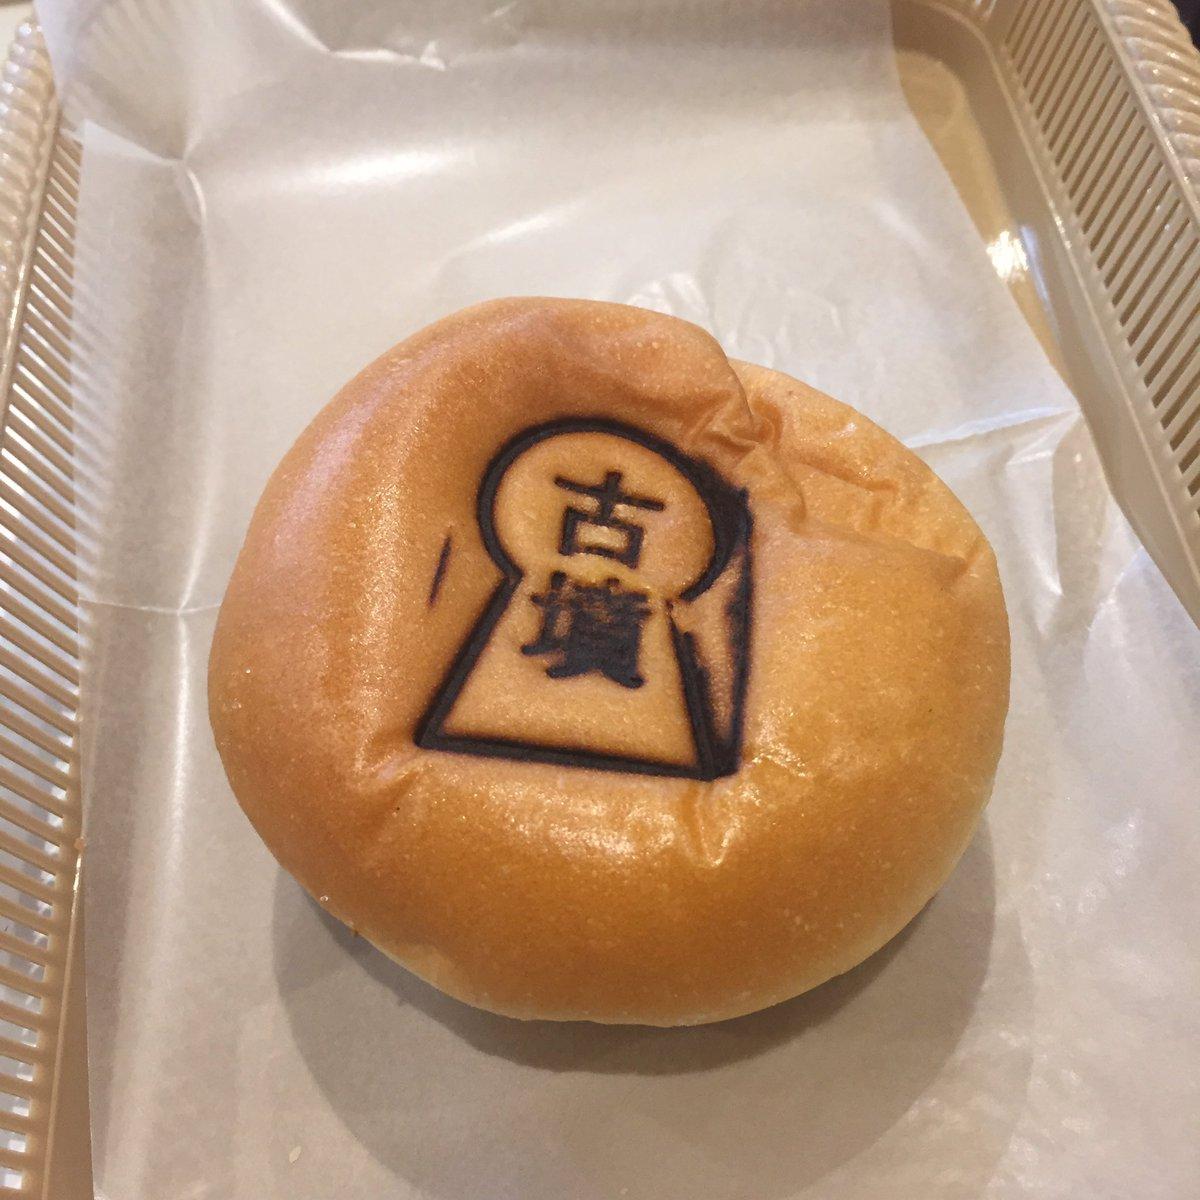 何のパンなのかわからないまま買ってしもうた #古墳 #ジワジワくる